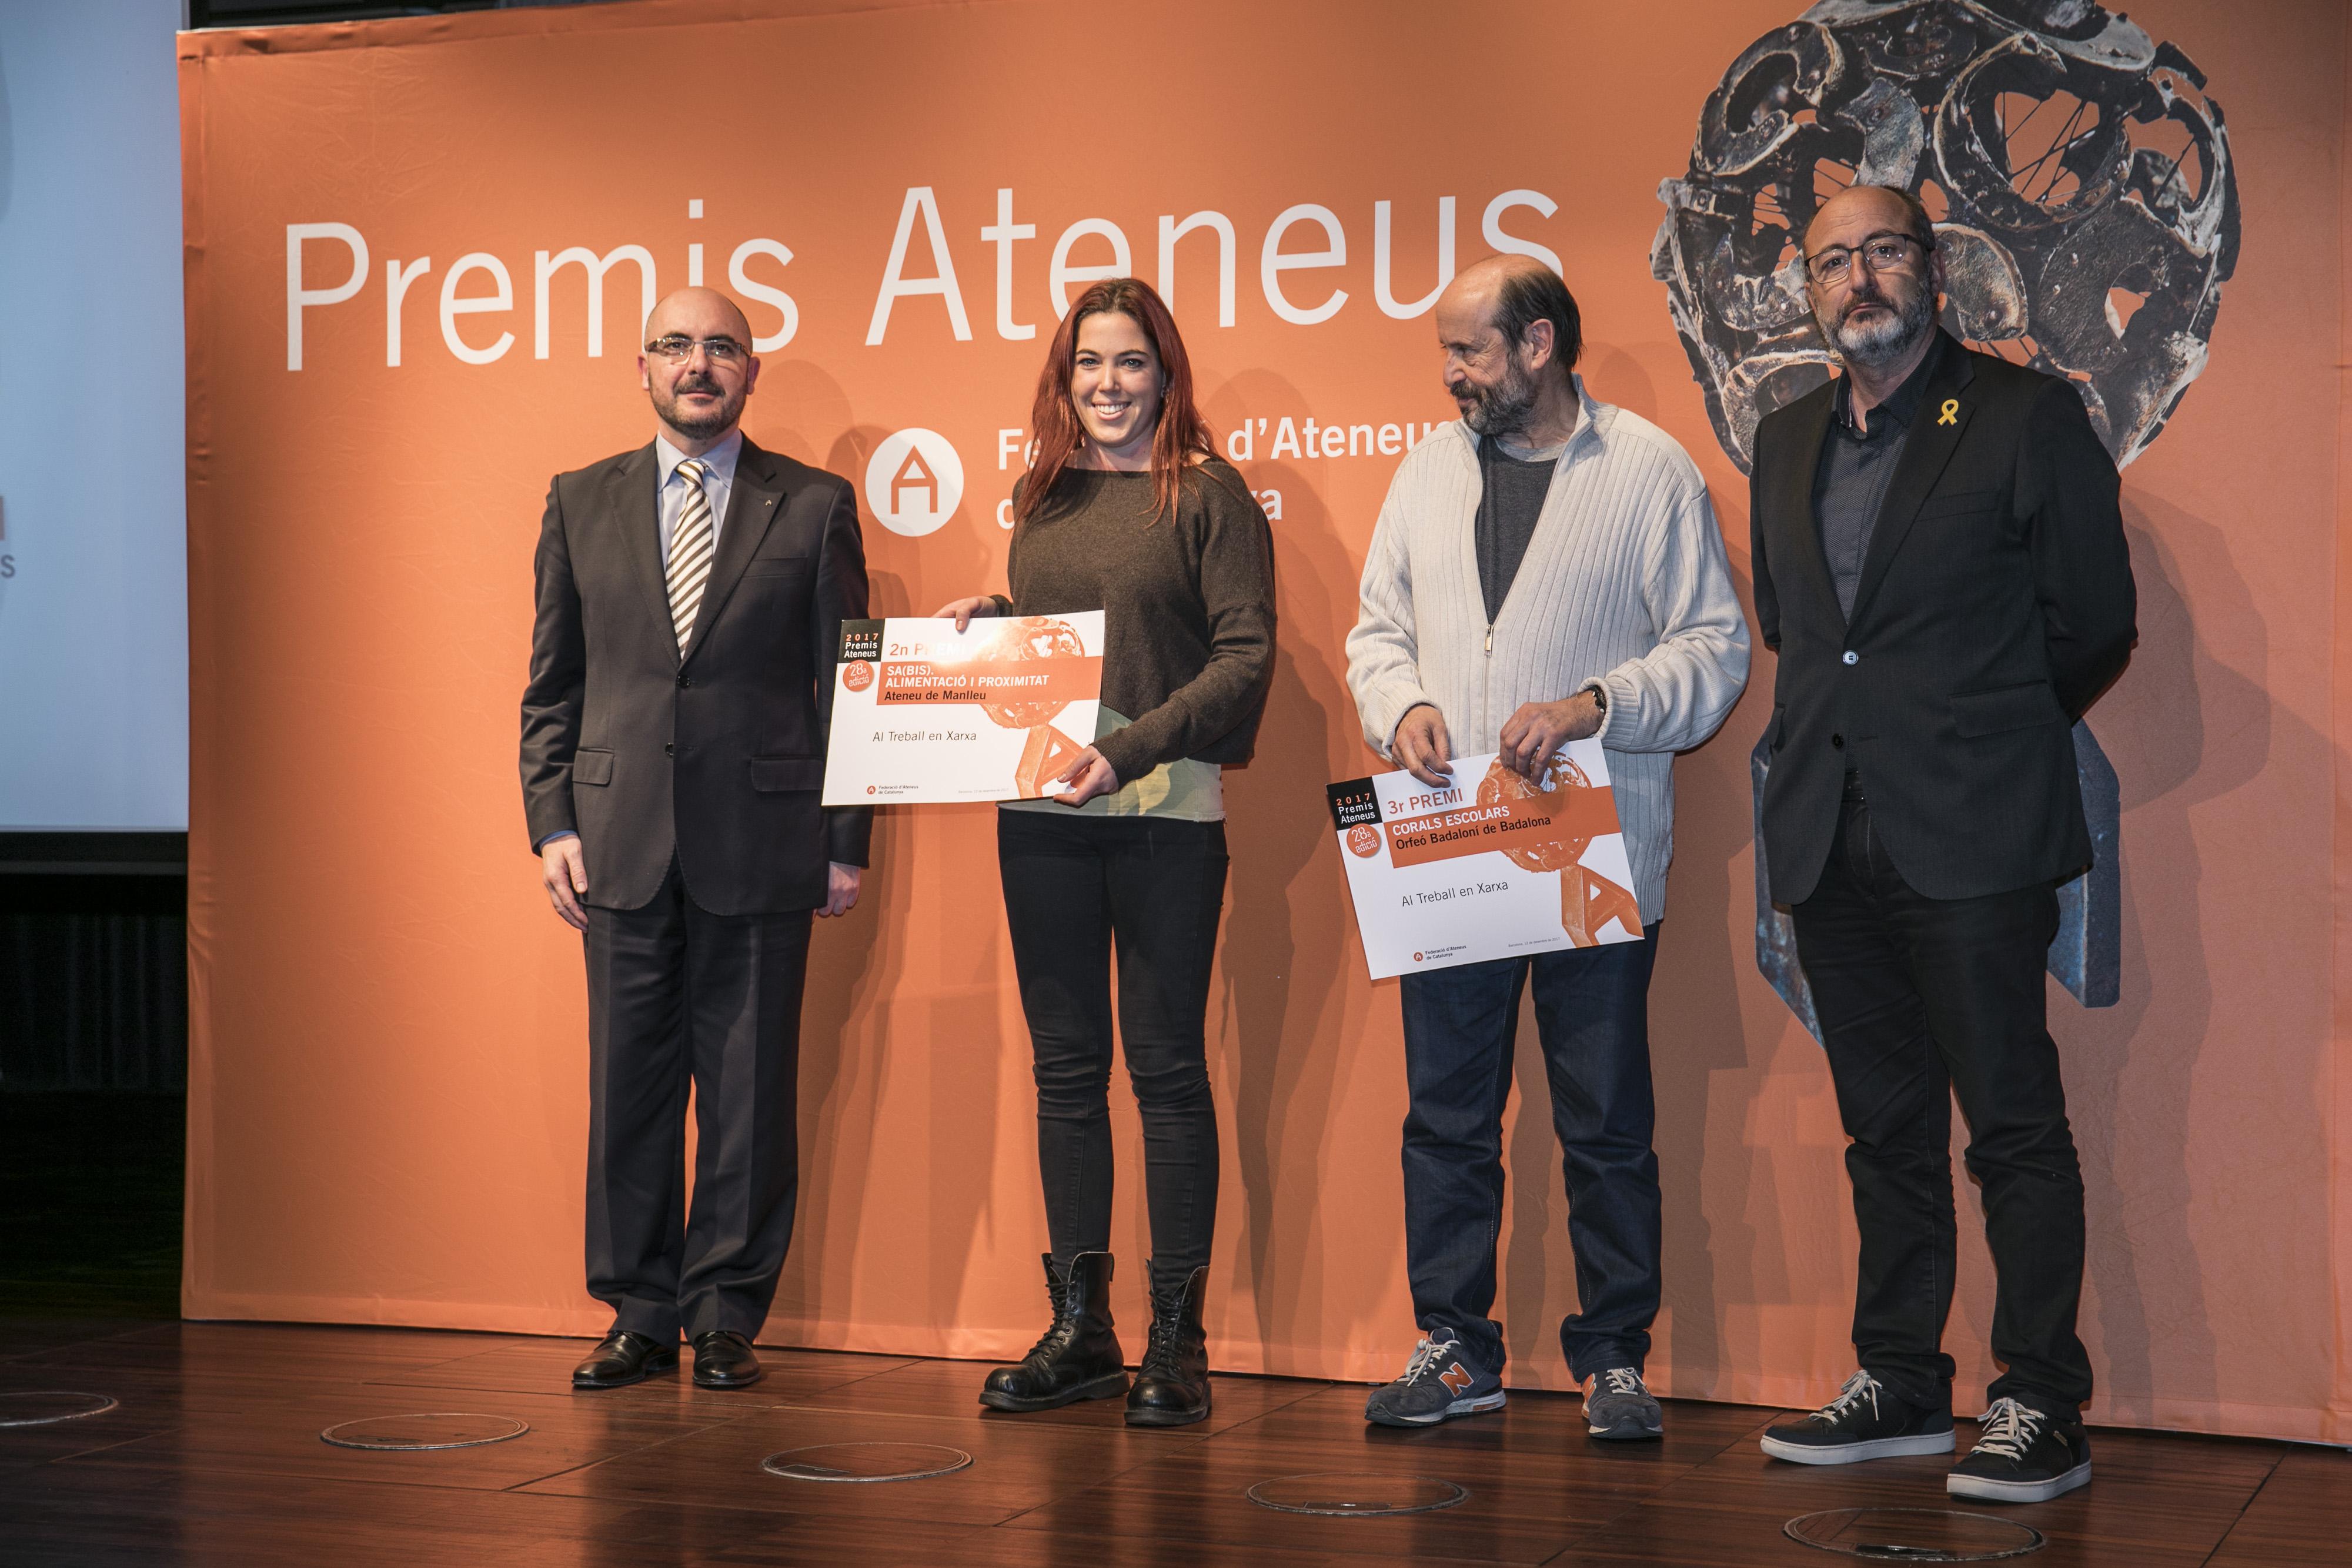 Lídia Grau, segona per l'esquerra, recollint el premi que els van donar a La Pedrera dimarts passat